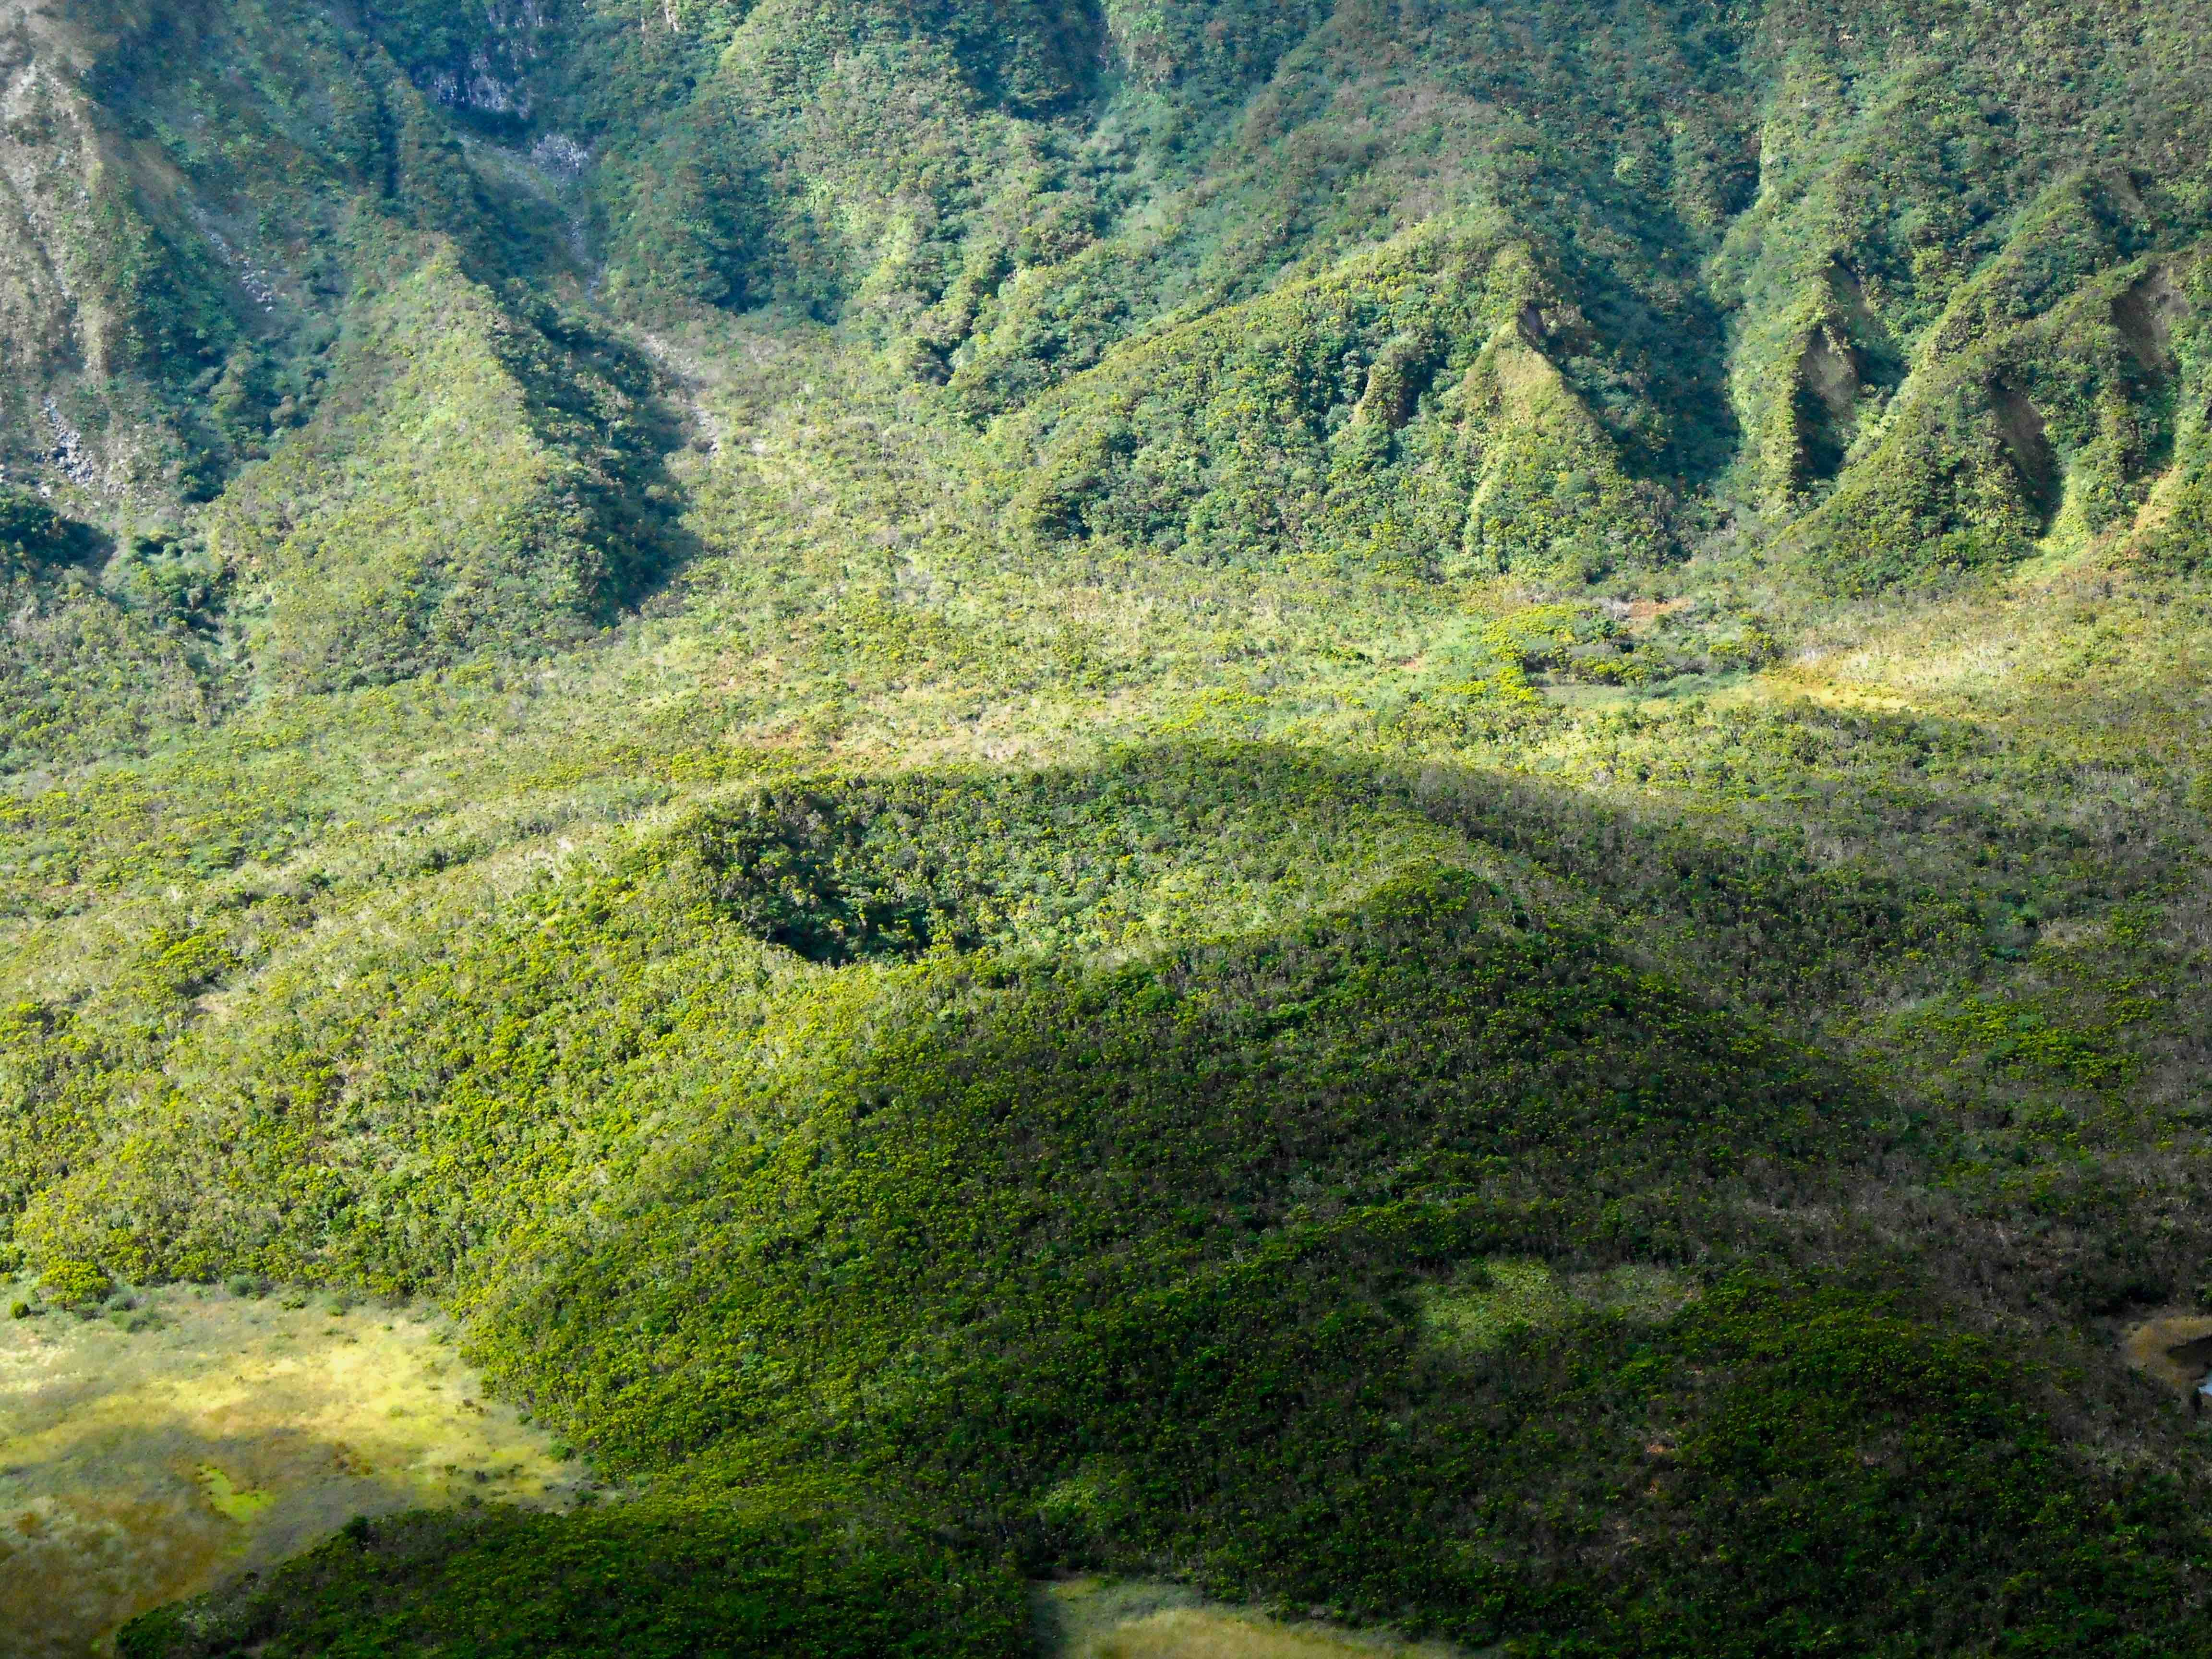 La caldeira del vulcano a Faial